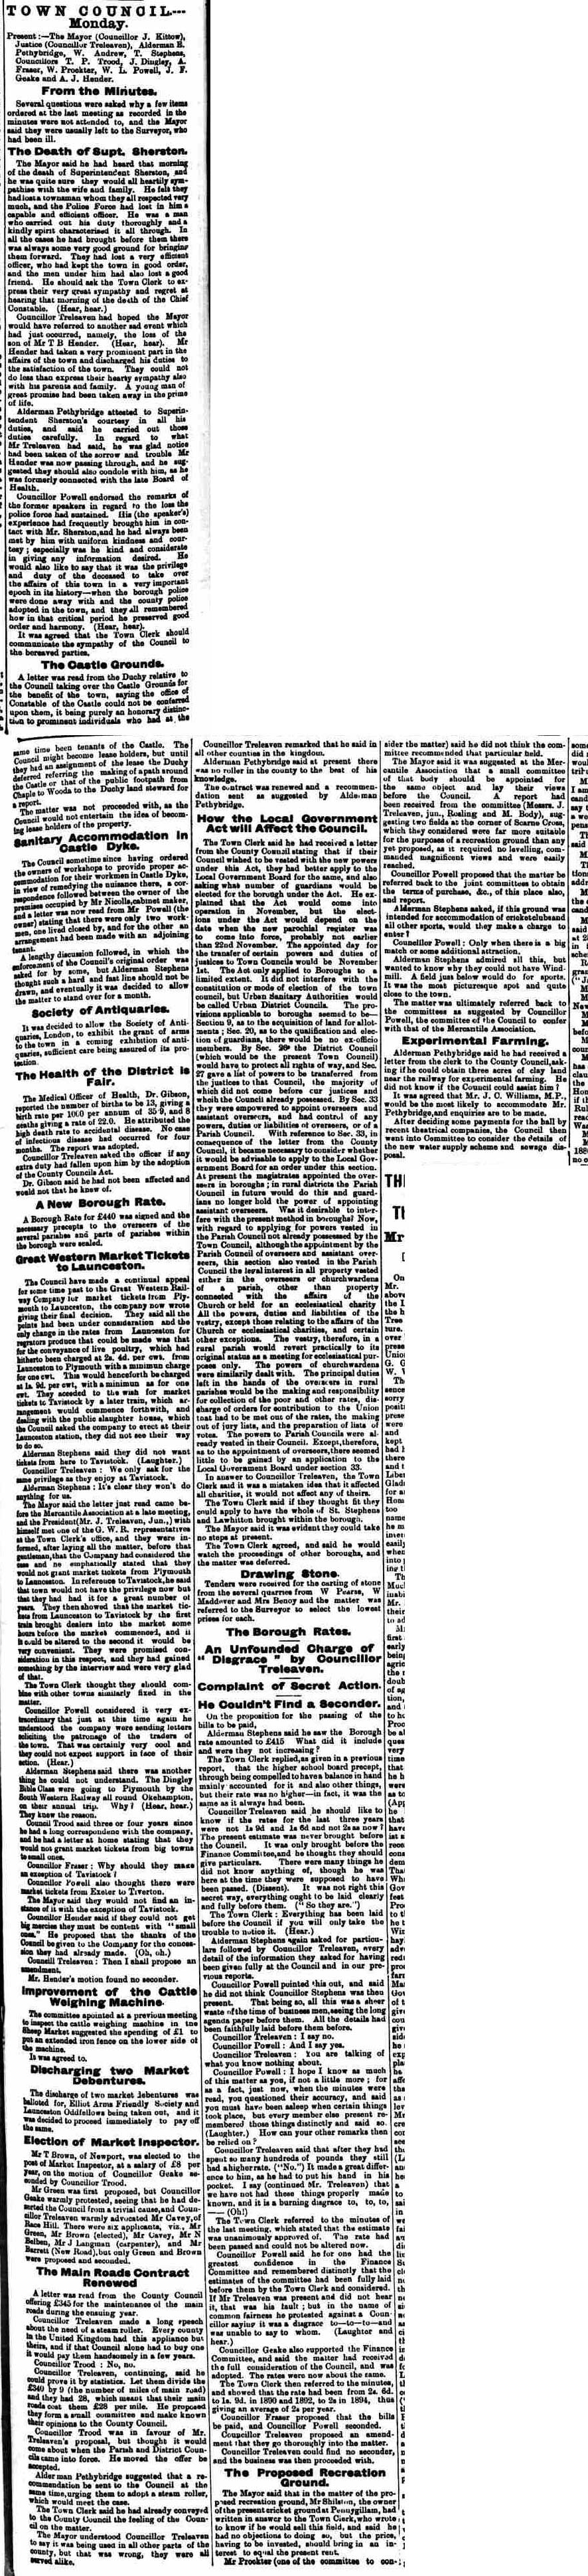 26 May 1894